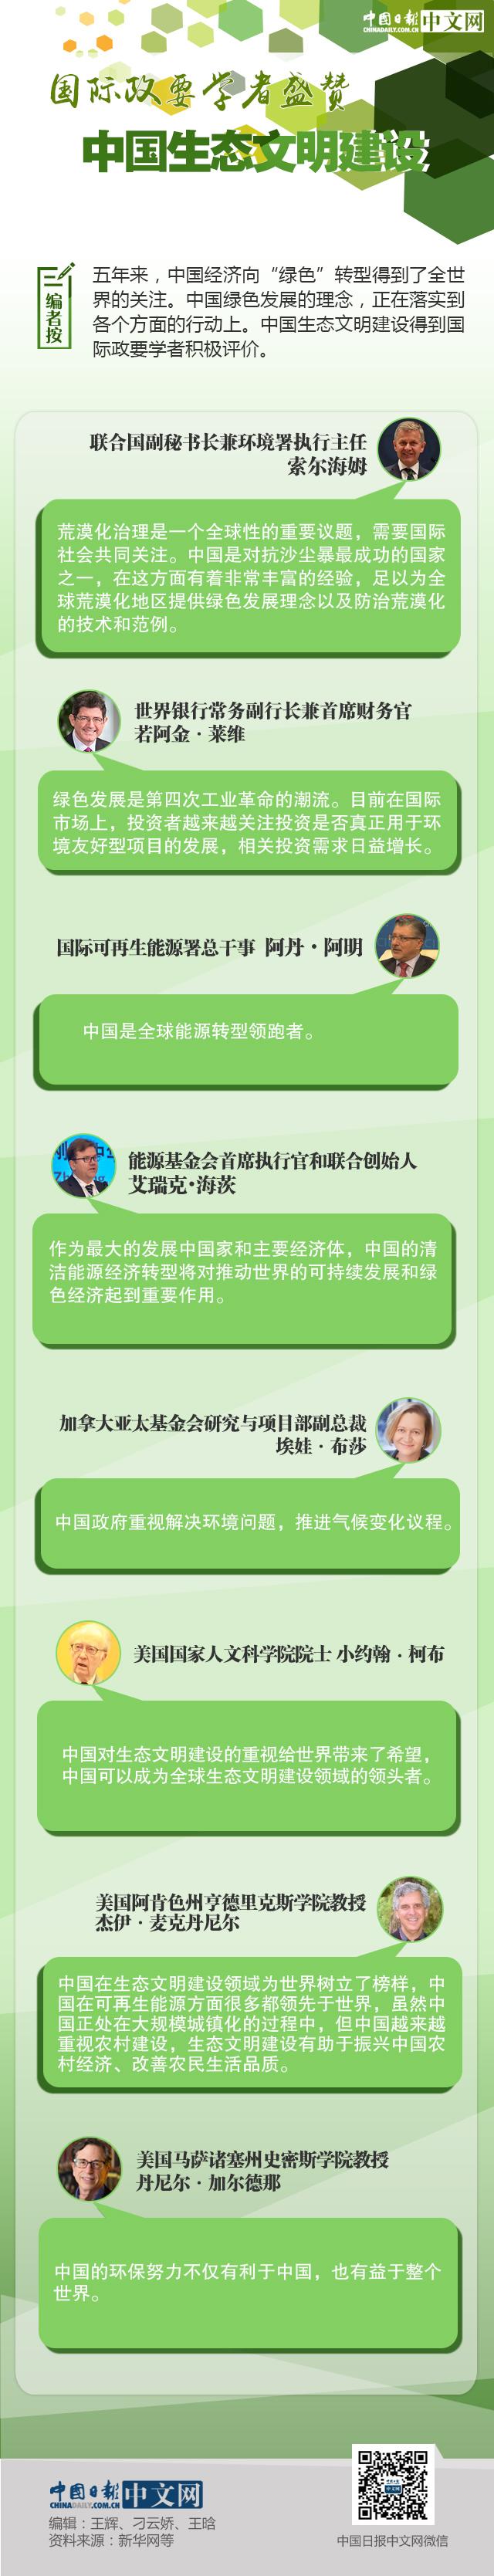 【理上网来•喜迎十九大】国际政要学者盛赞中国生态文明建设